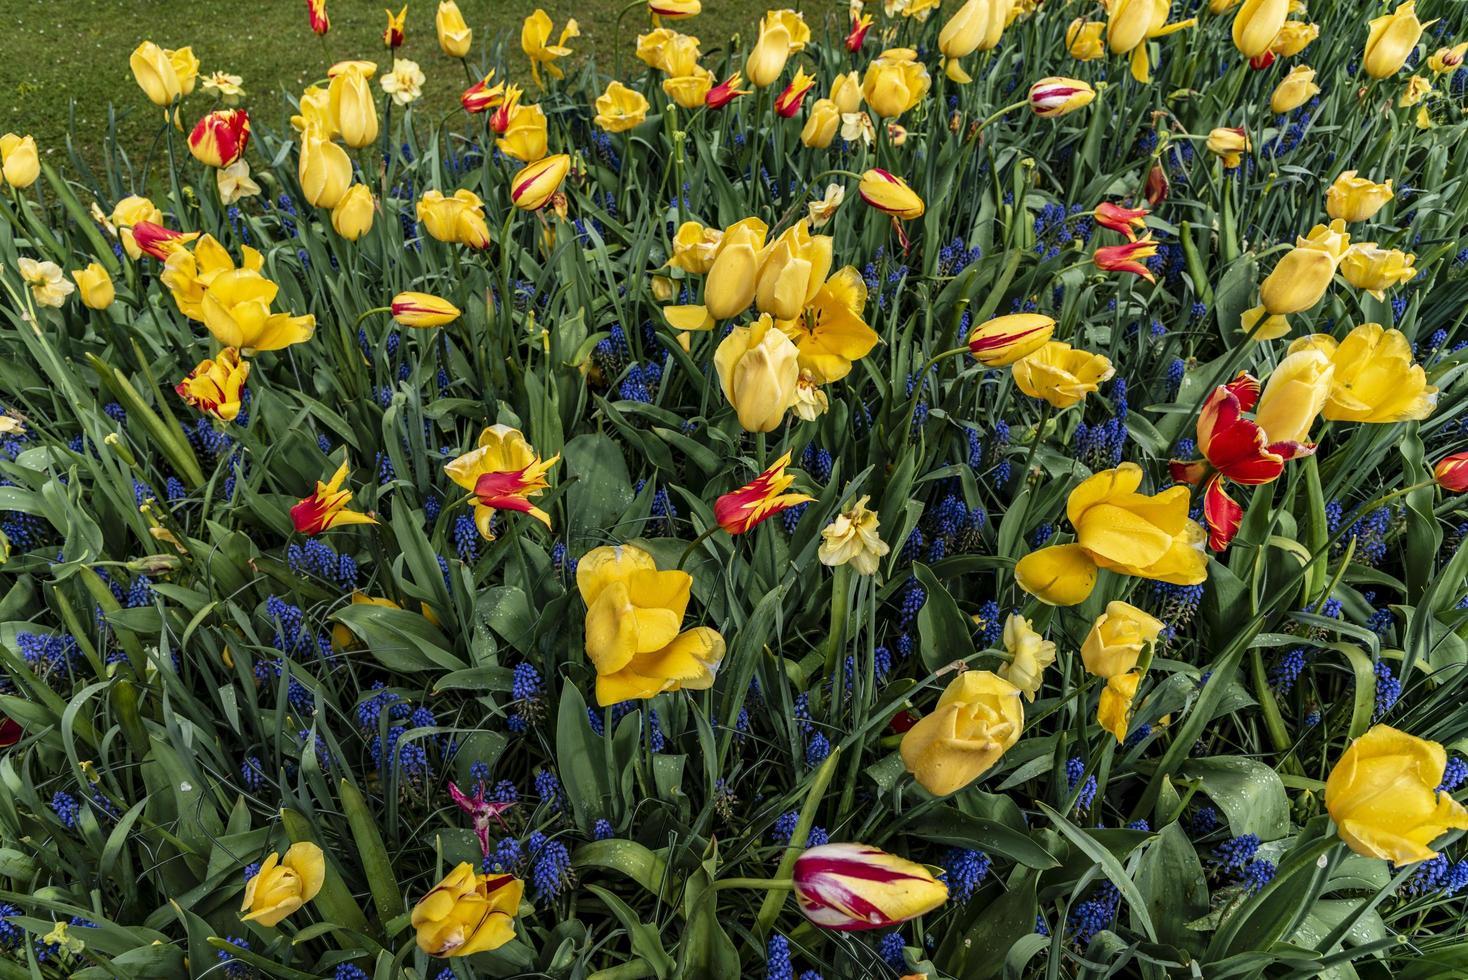 gelbe, rote und blaue Iris in einem Feld foto